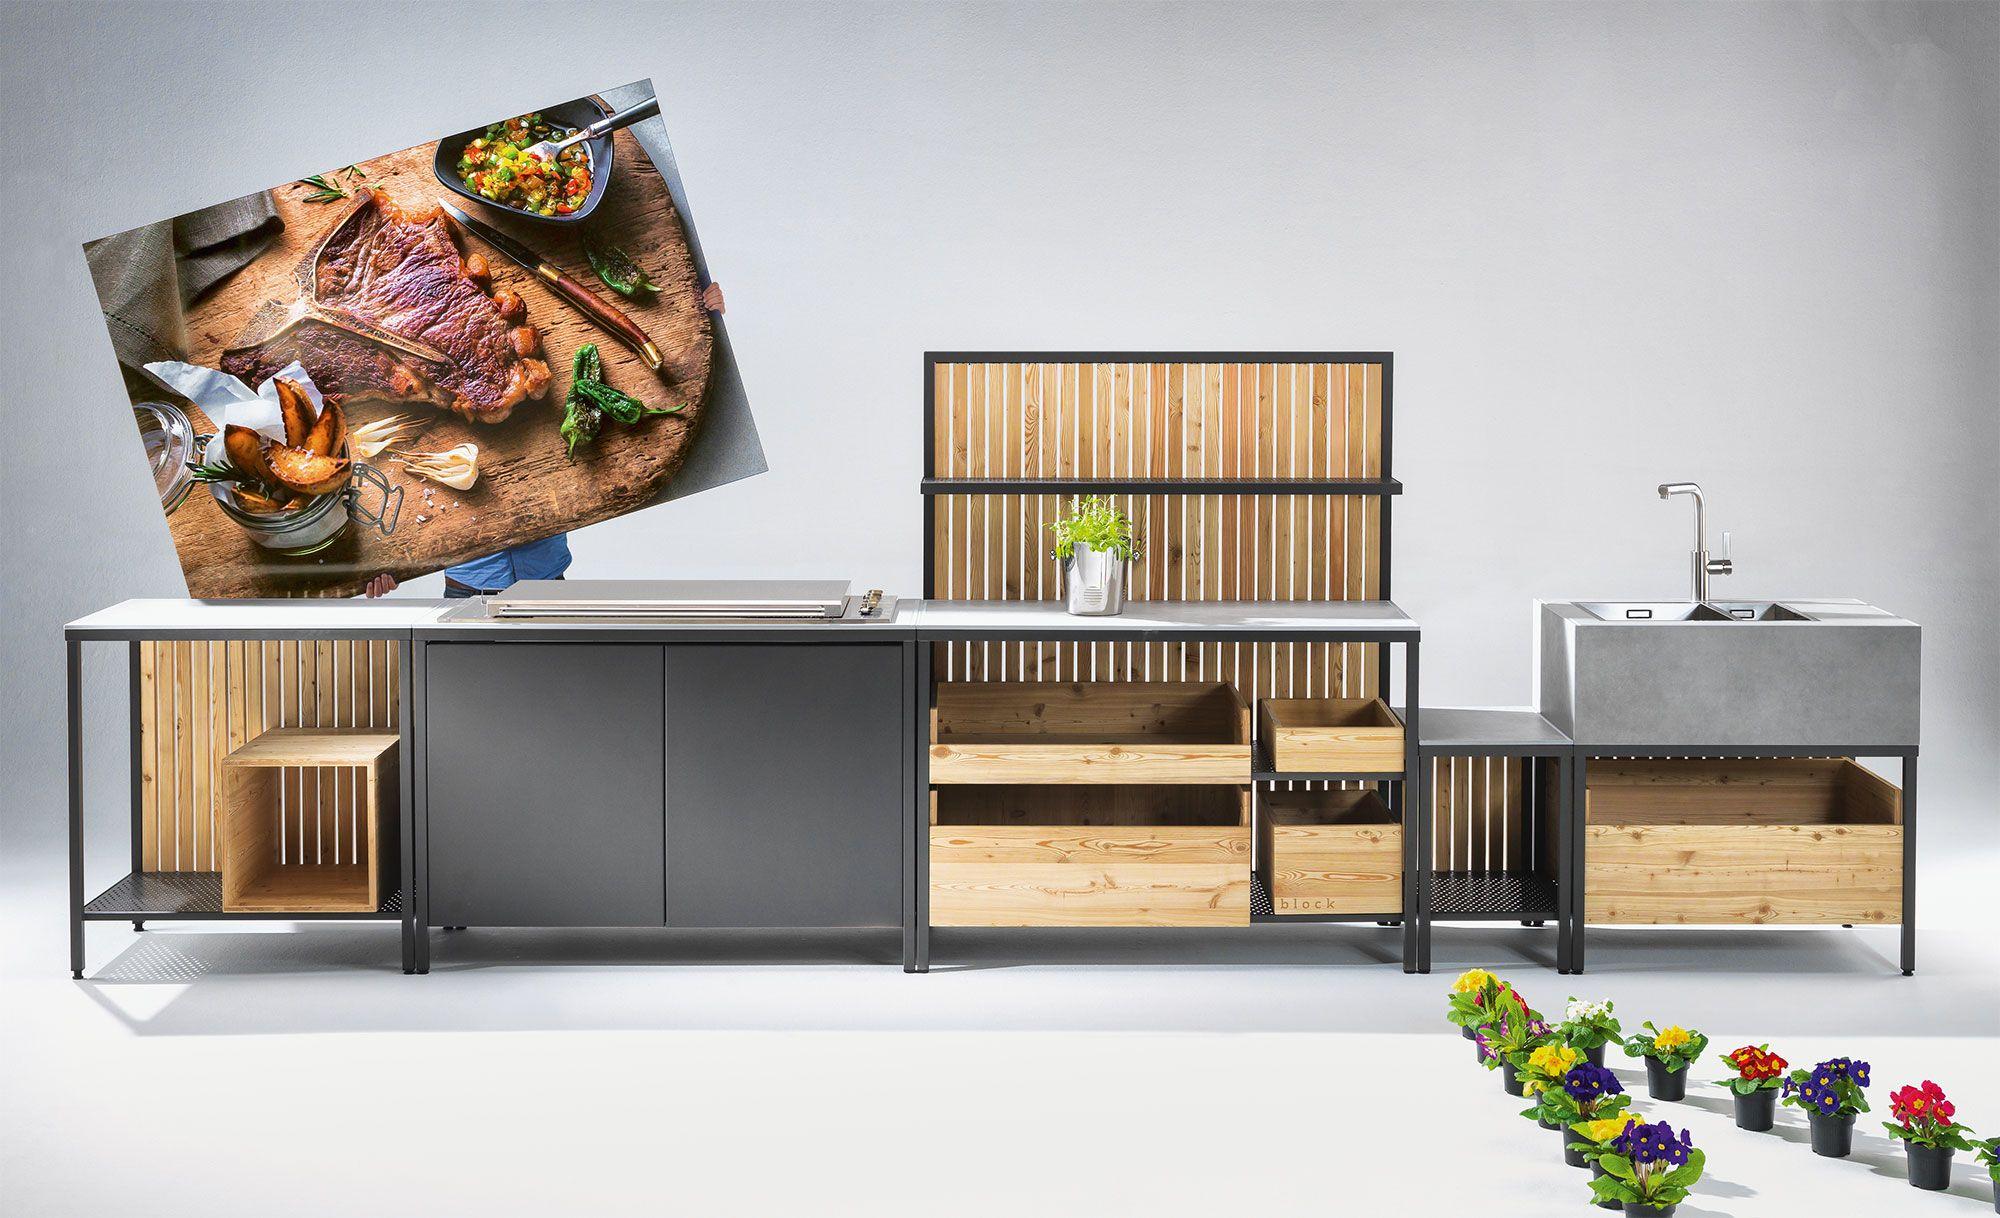 Modulare Küche die modulare outdoor küche mit bewusst einfacher struktur und